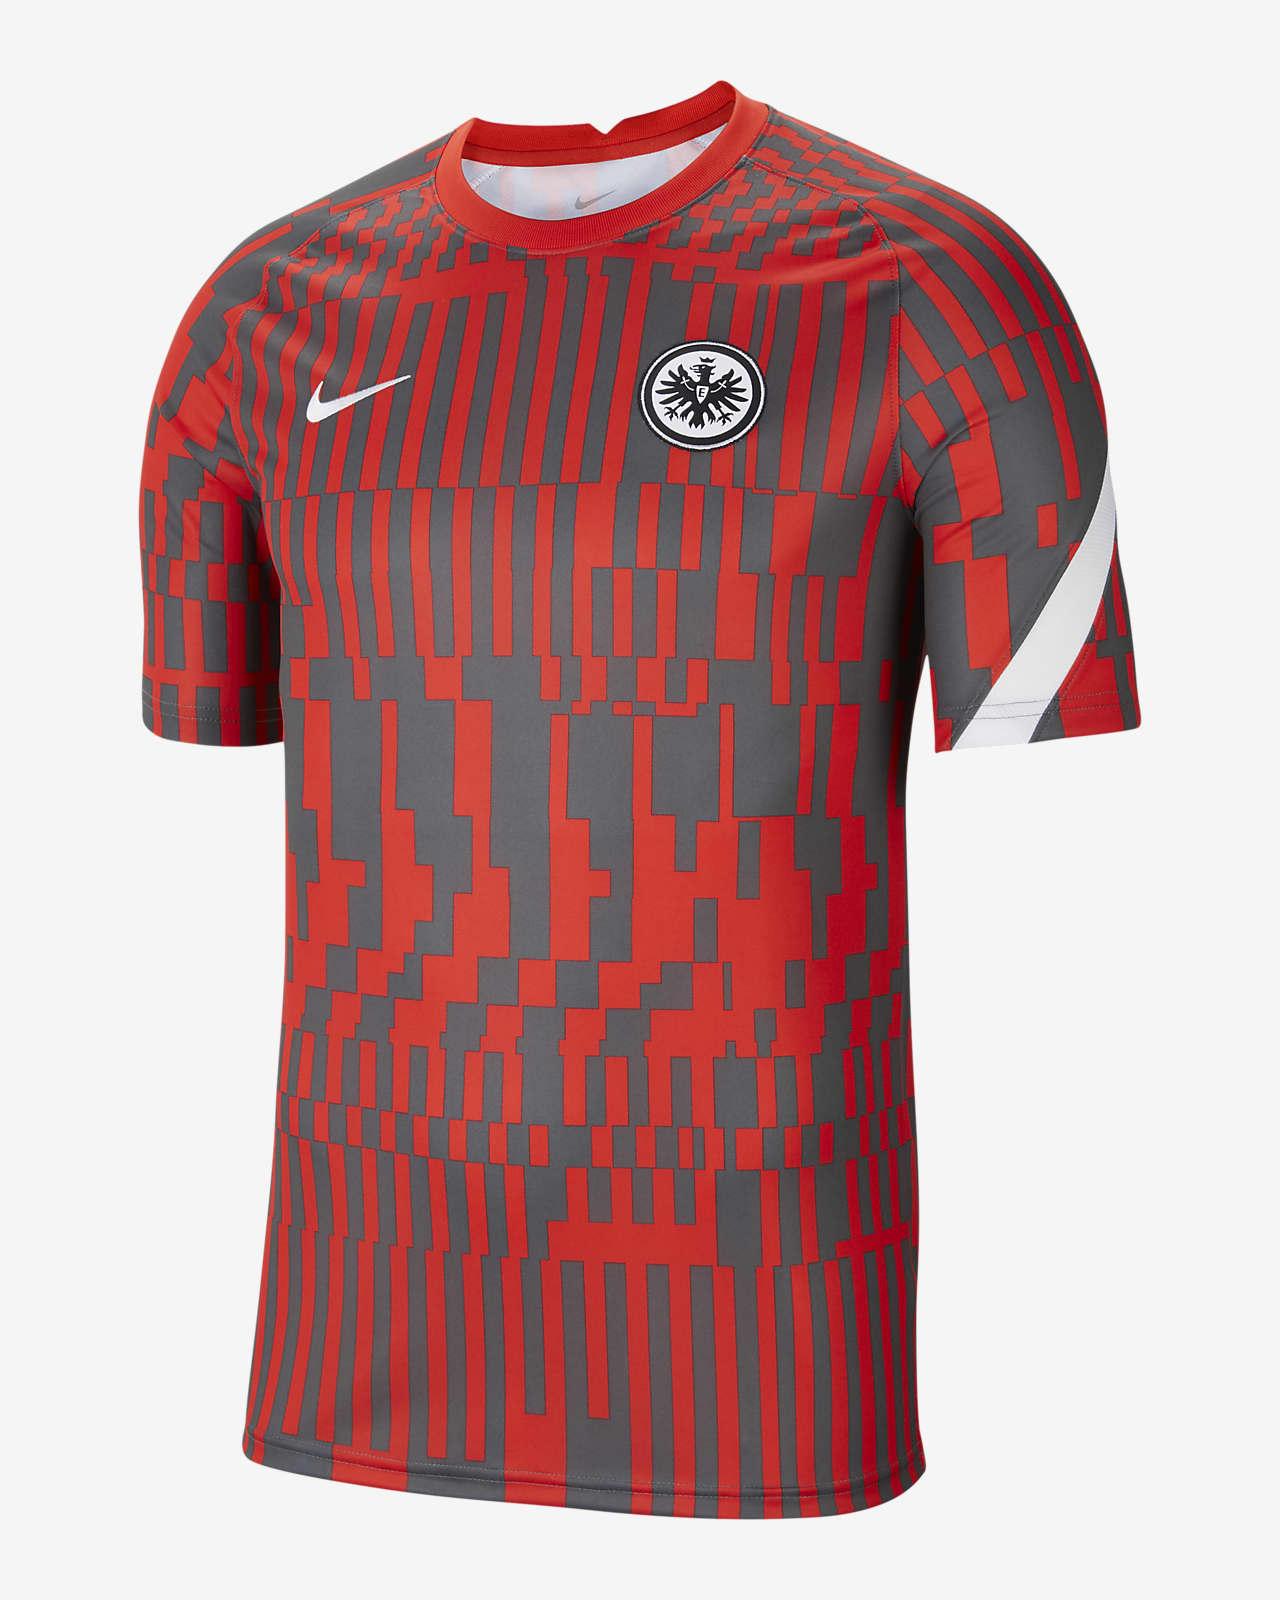 Eintracht Frankfurt Men's Pre-Match Short-Sleeve Football Top